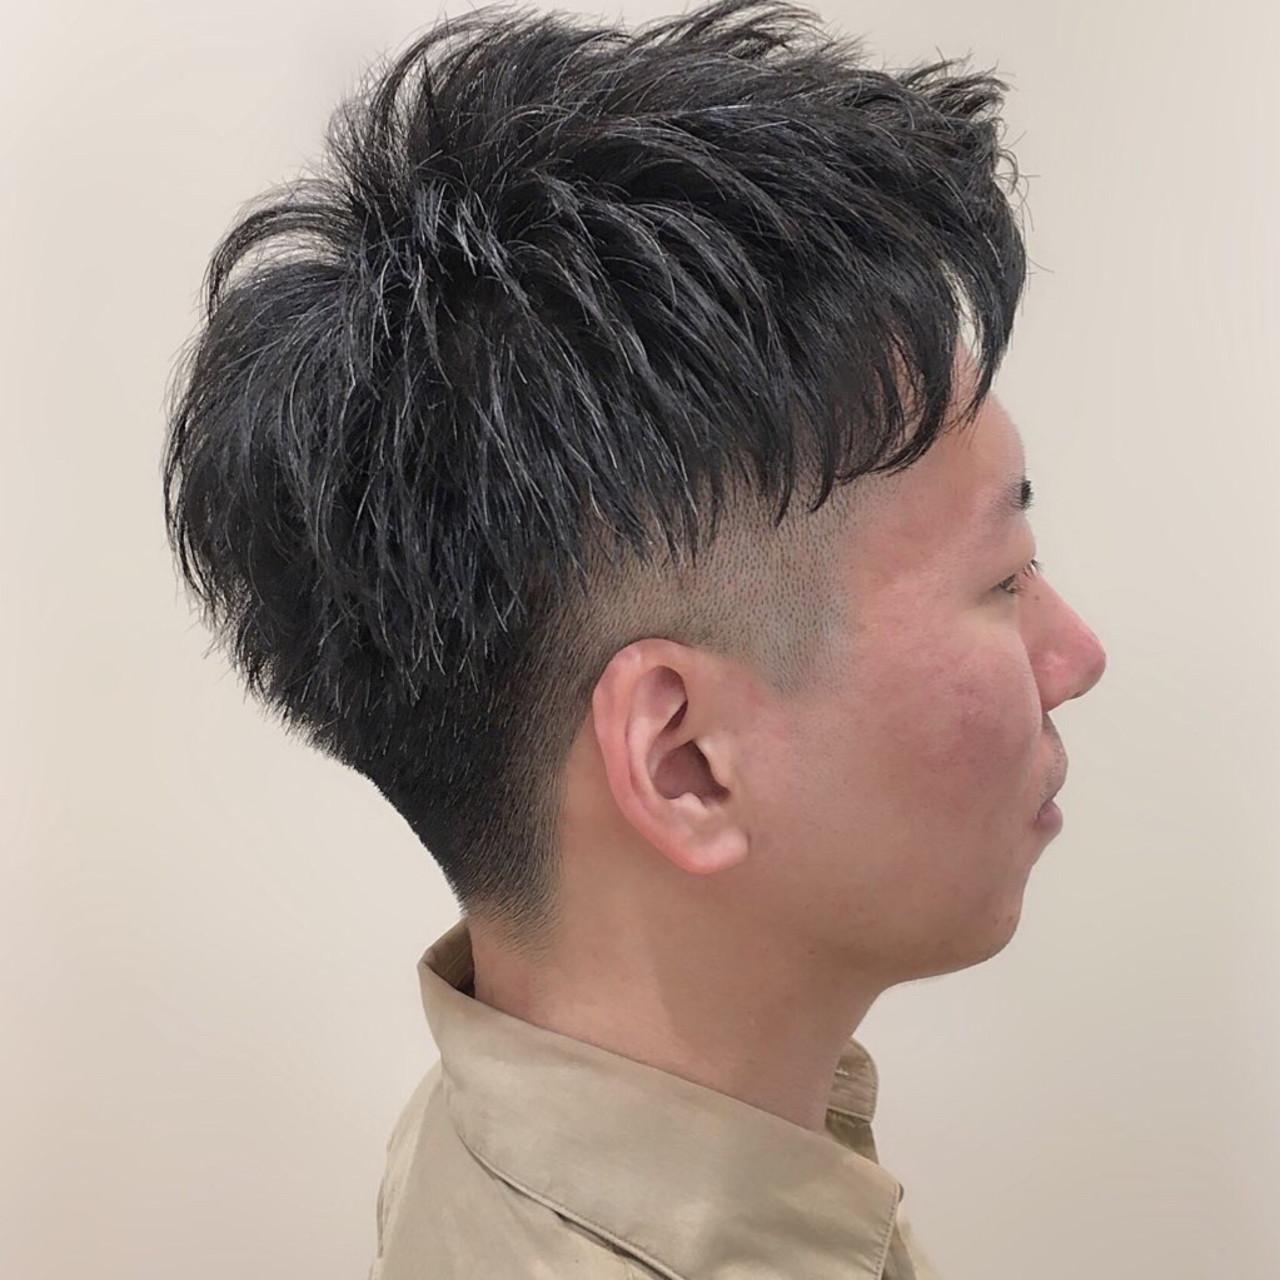 メンズ スキンフェード フェードカット ストリート ヘアスタイルや髪型の写真・画像